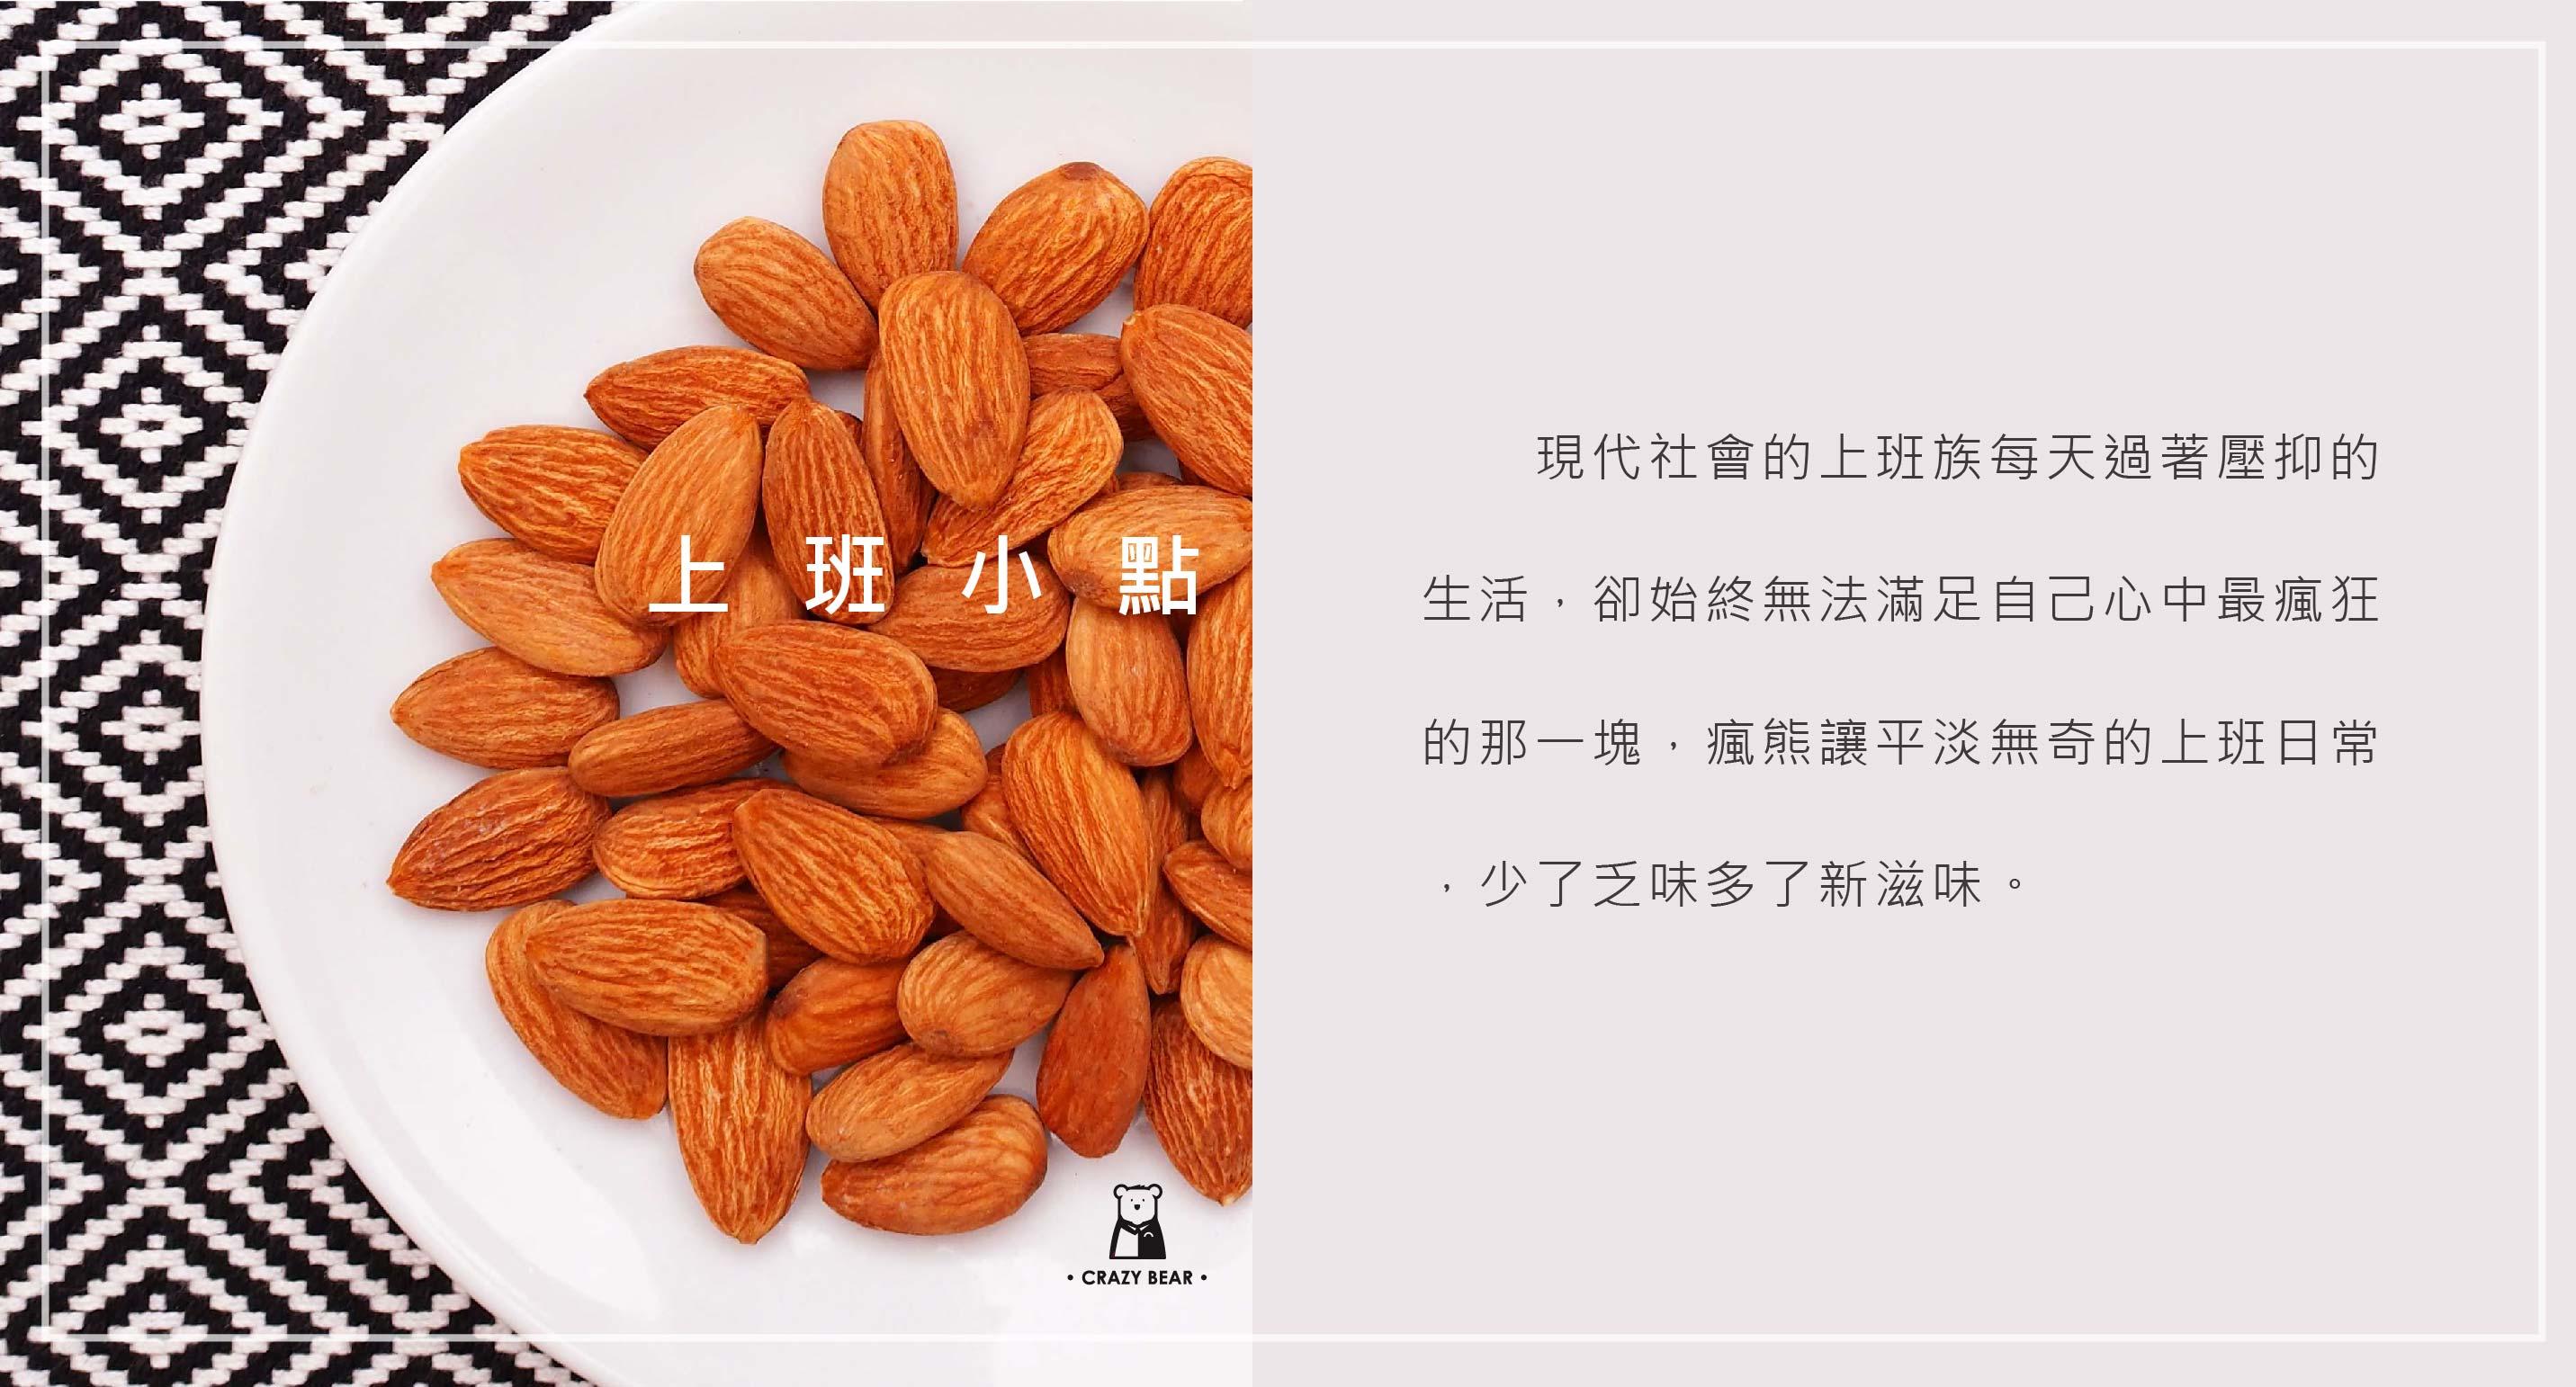 詳情BANNER-01.jpg